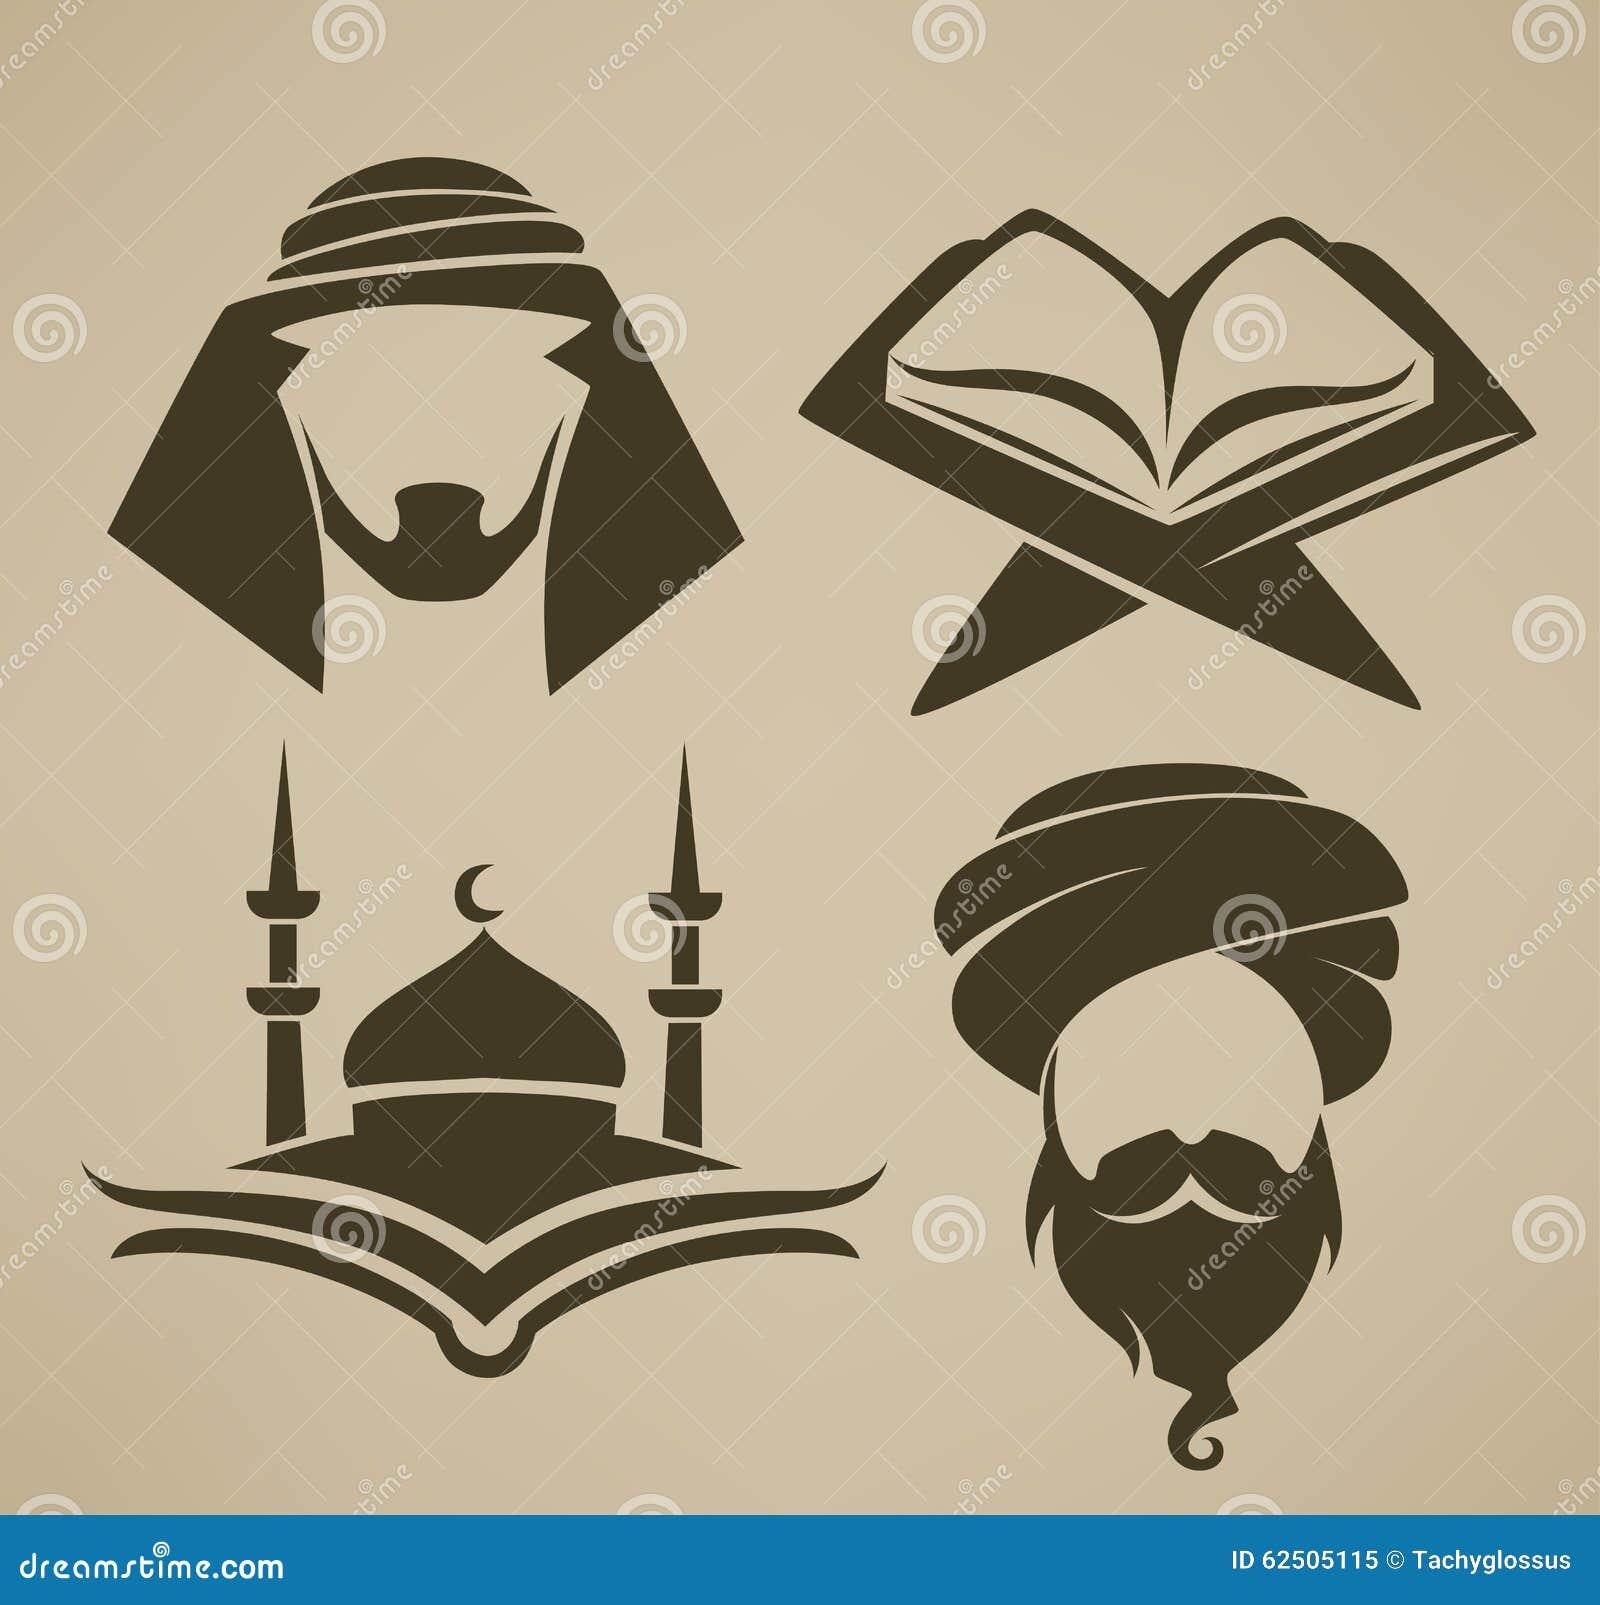 Arabic Religious Symbols